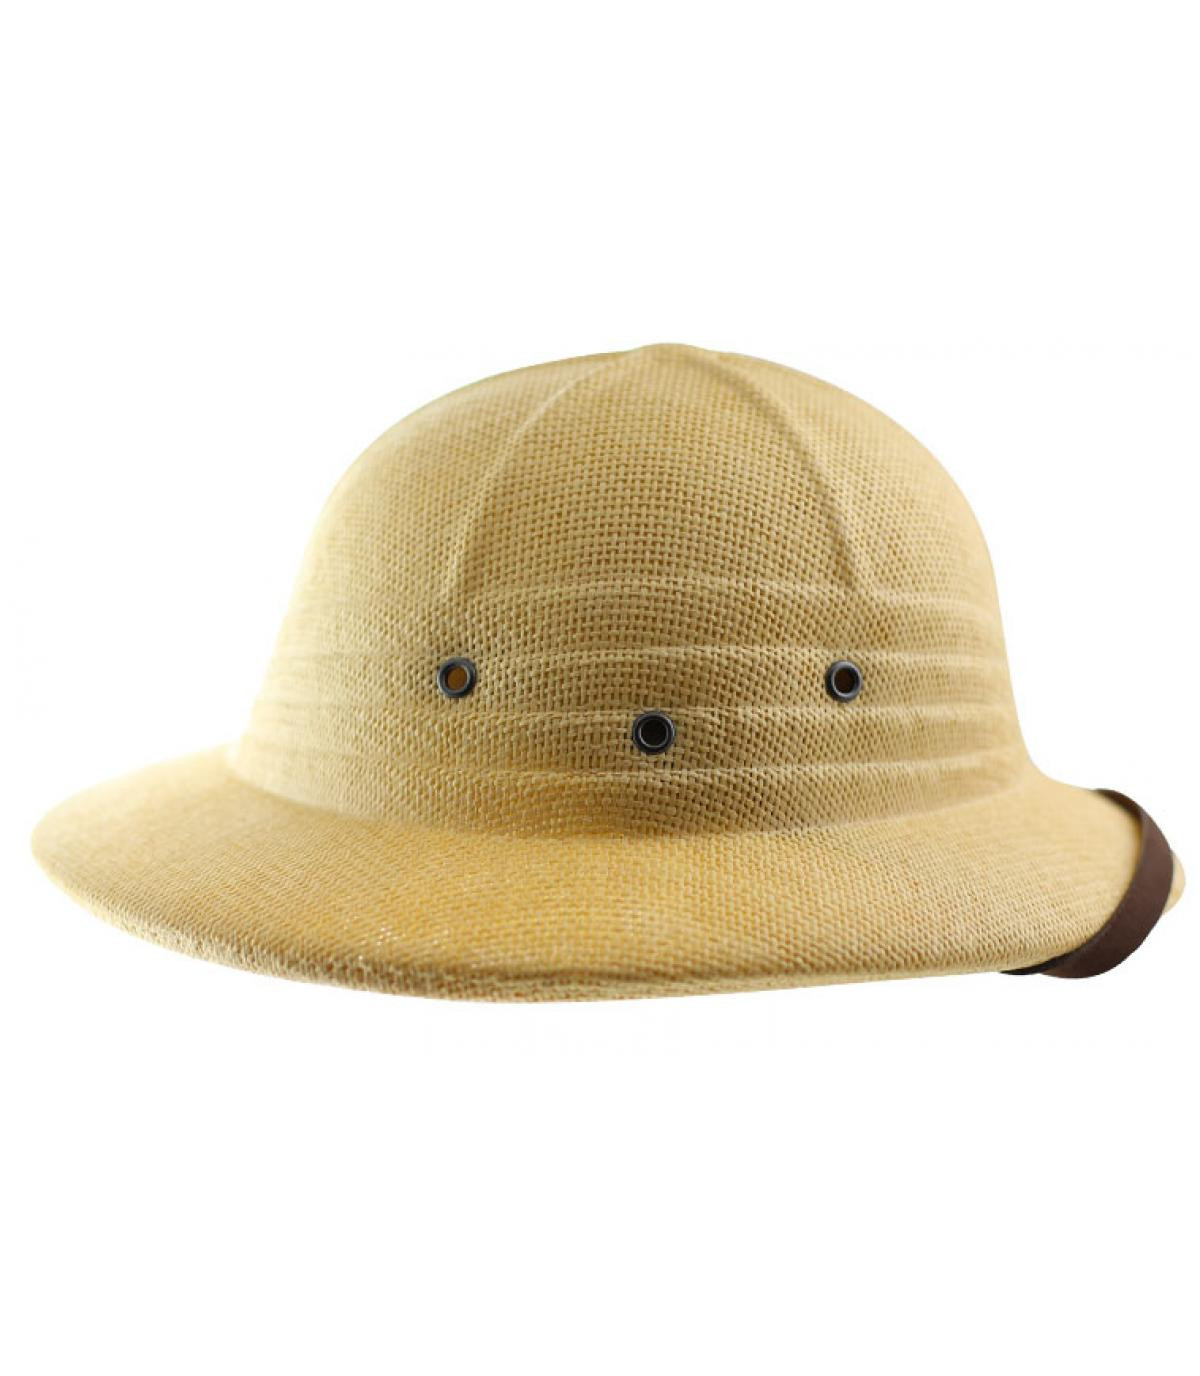 Détails Tropical helmet beige - image 2